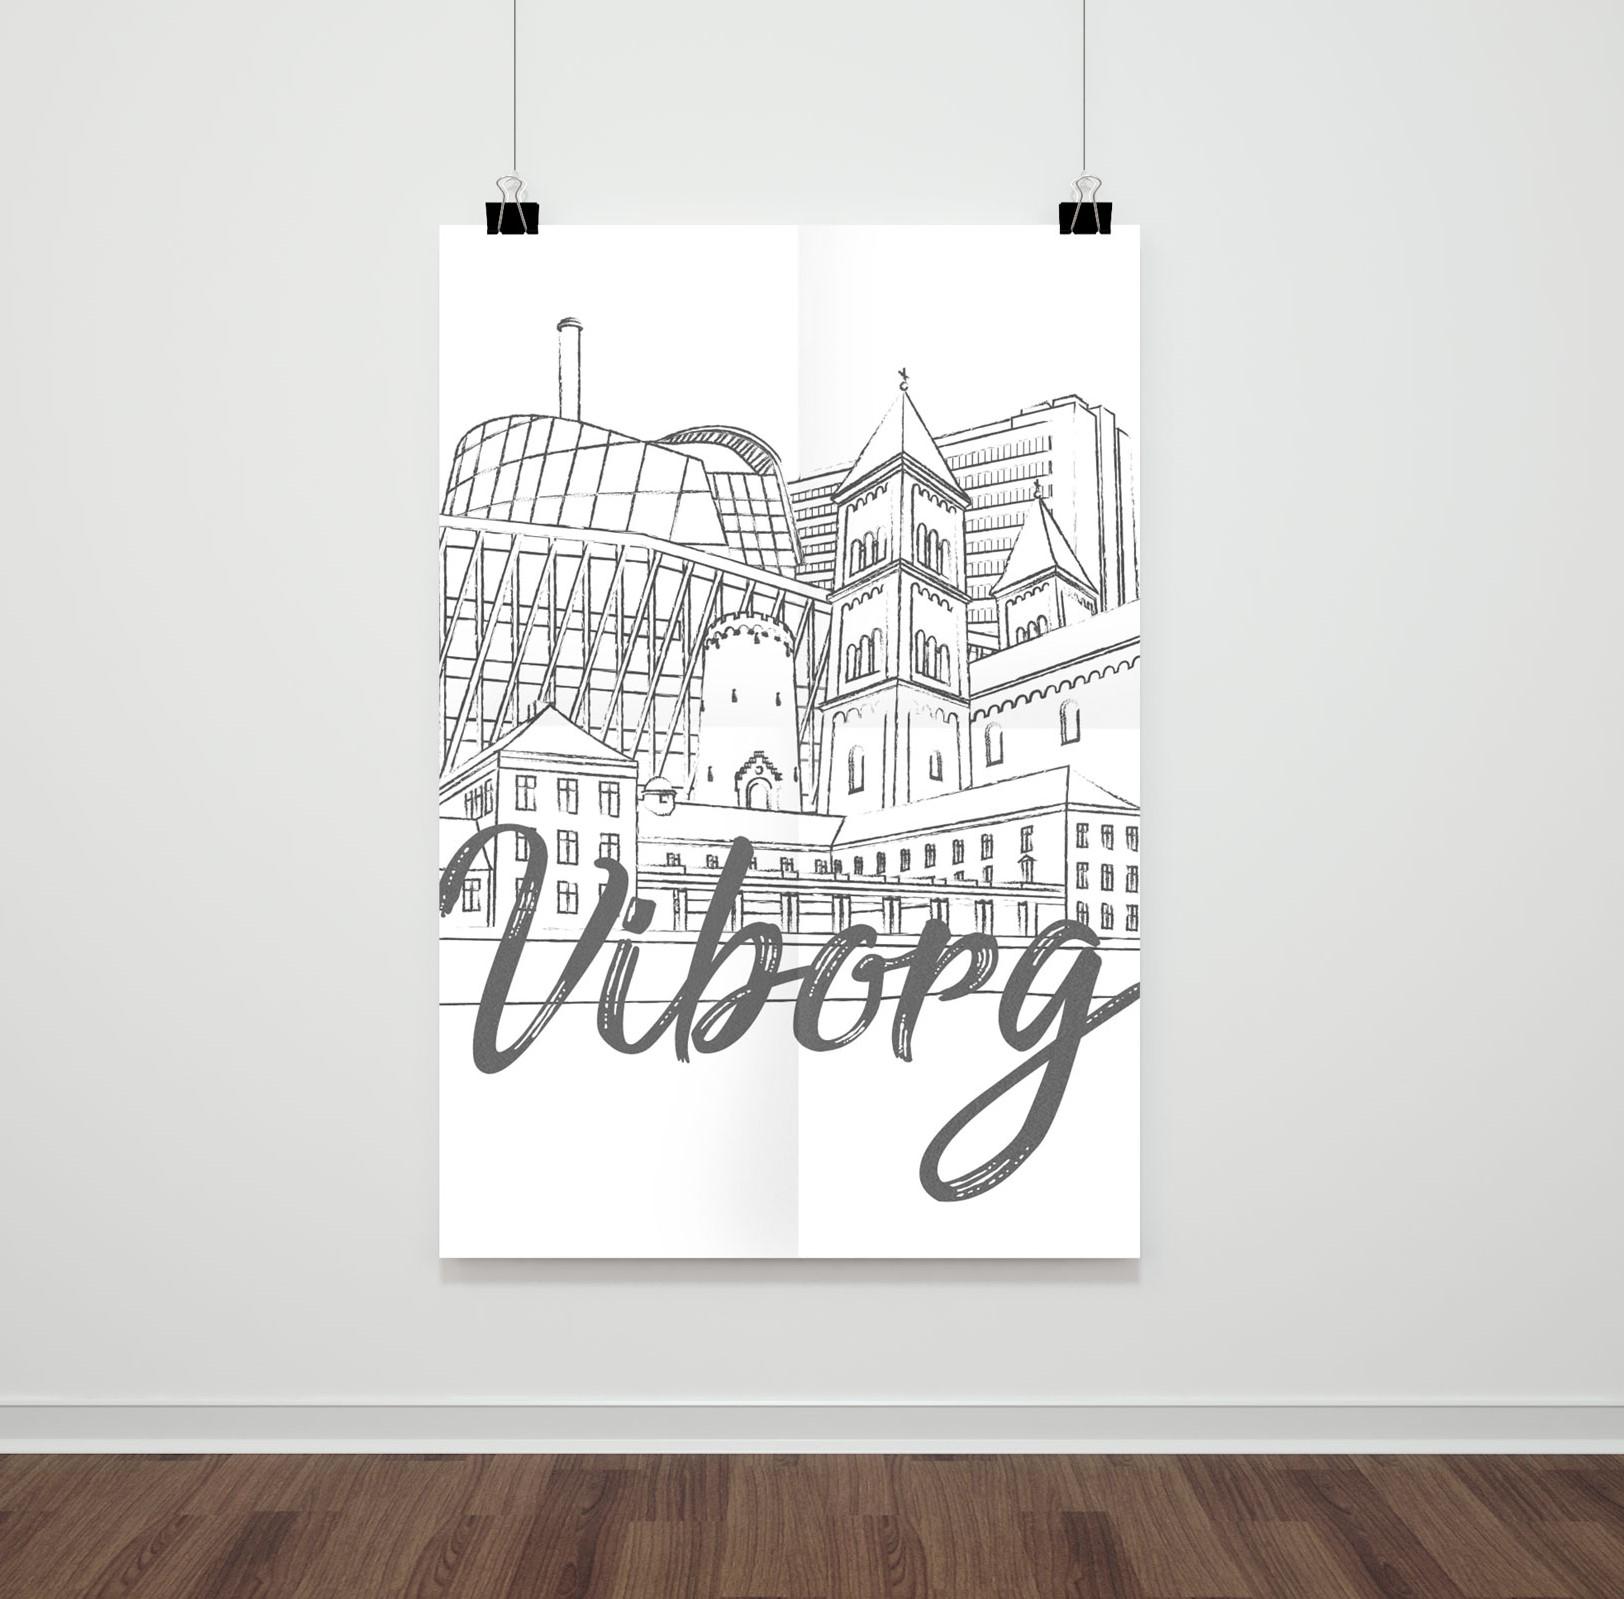 Display af plakat med Viborg